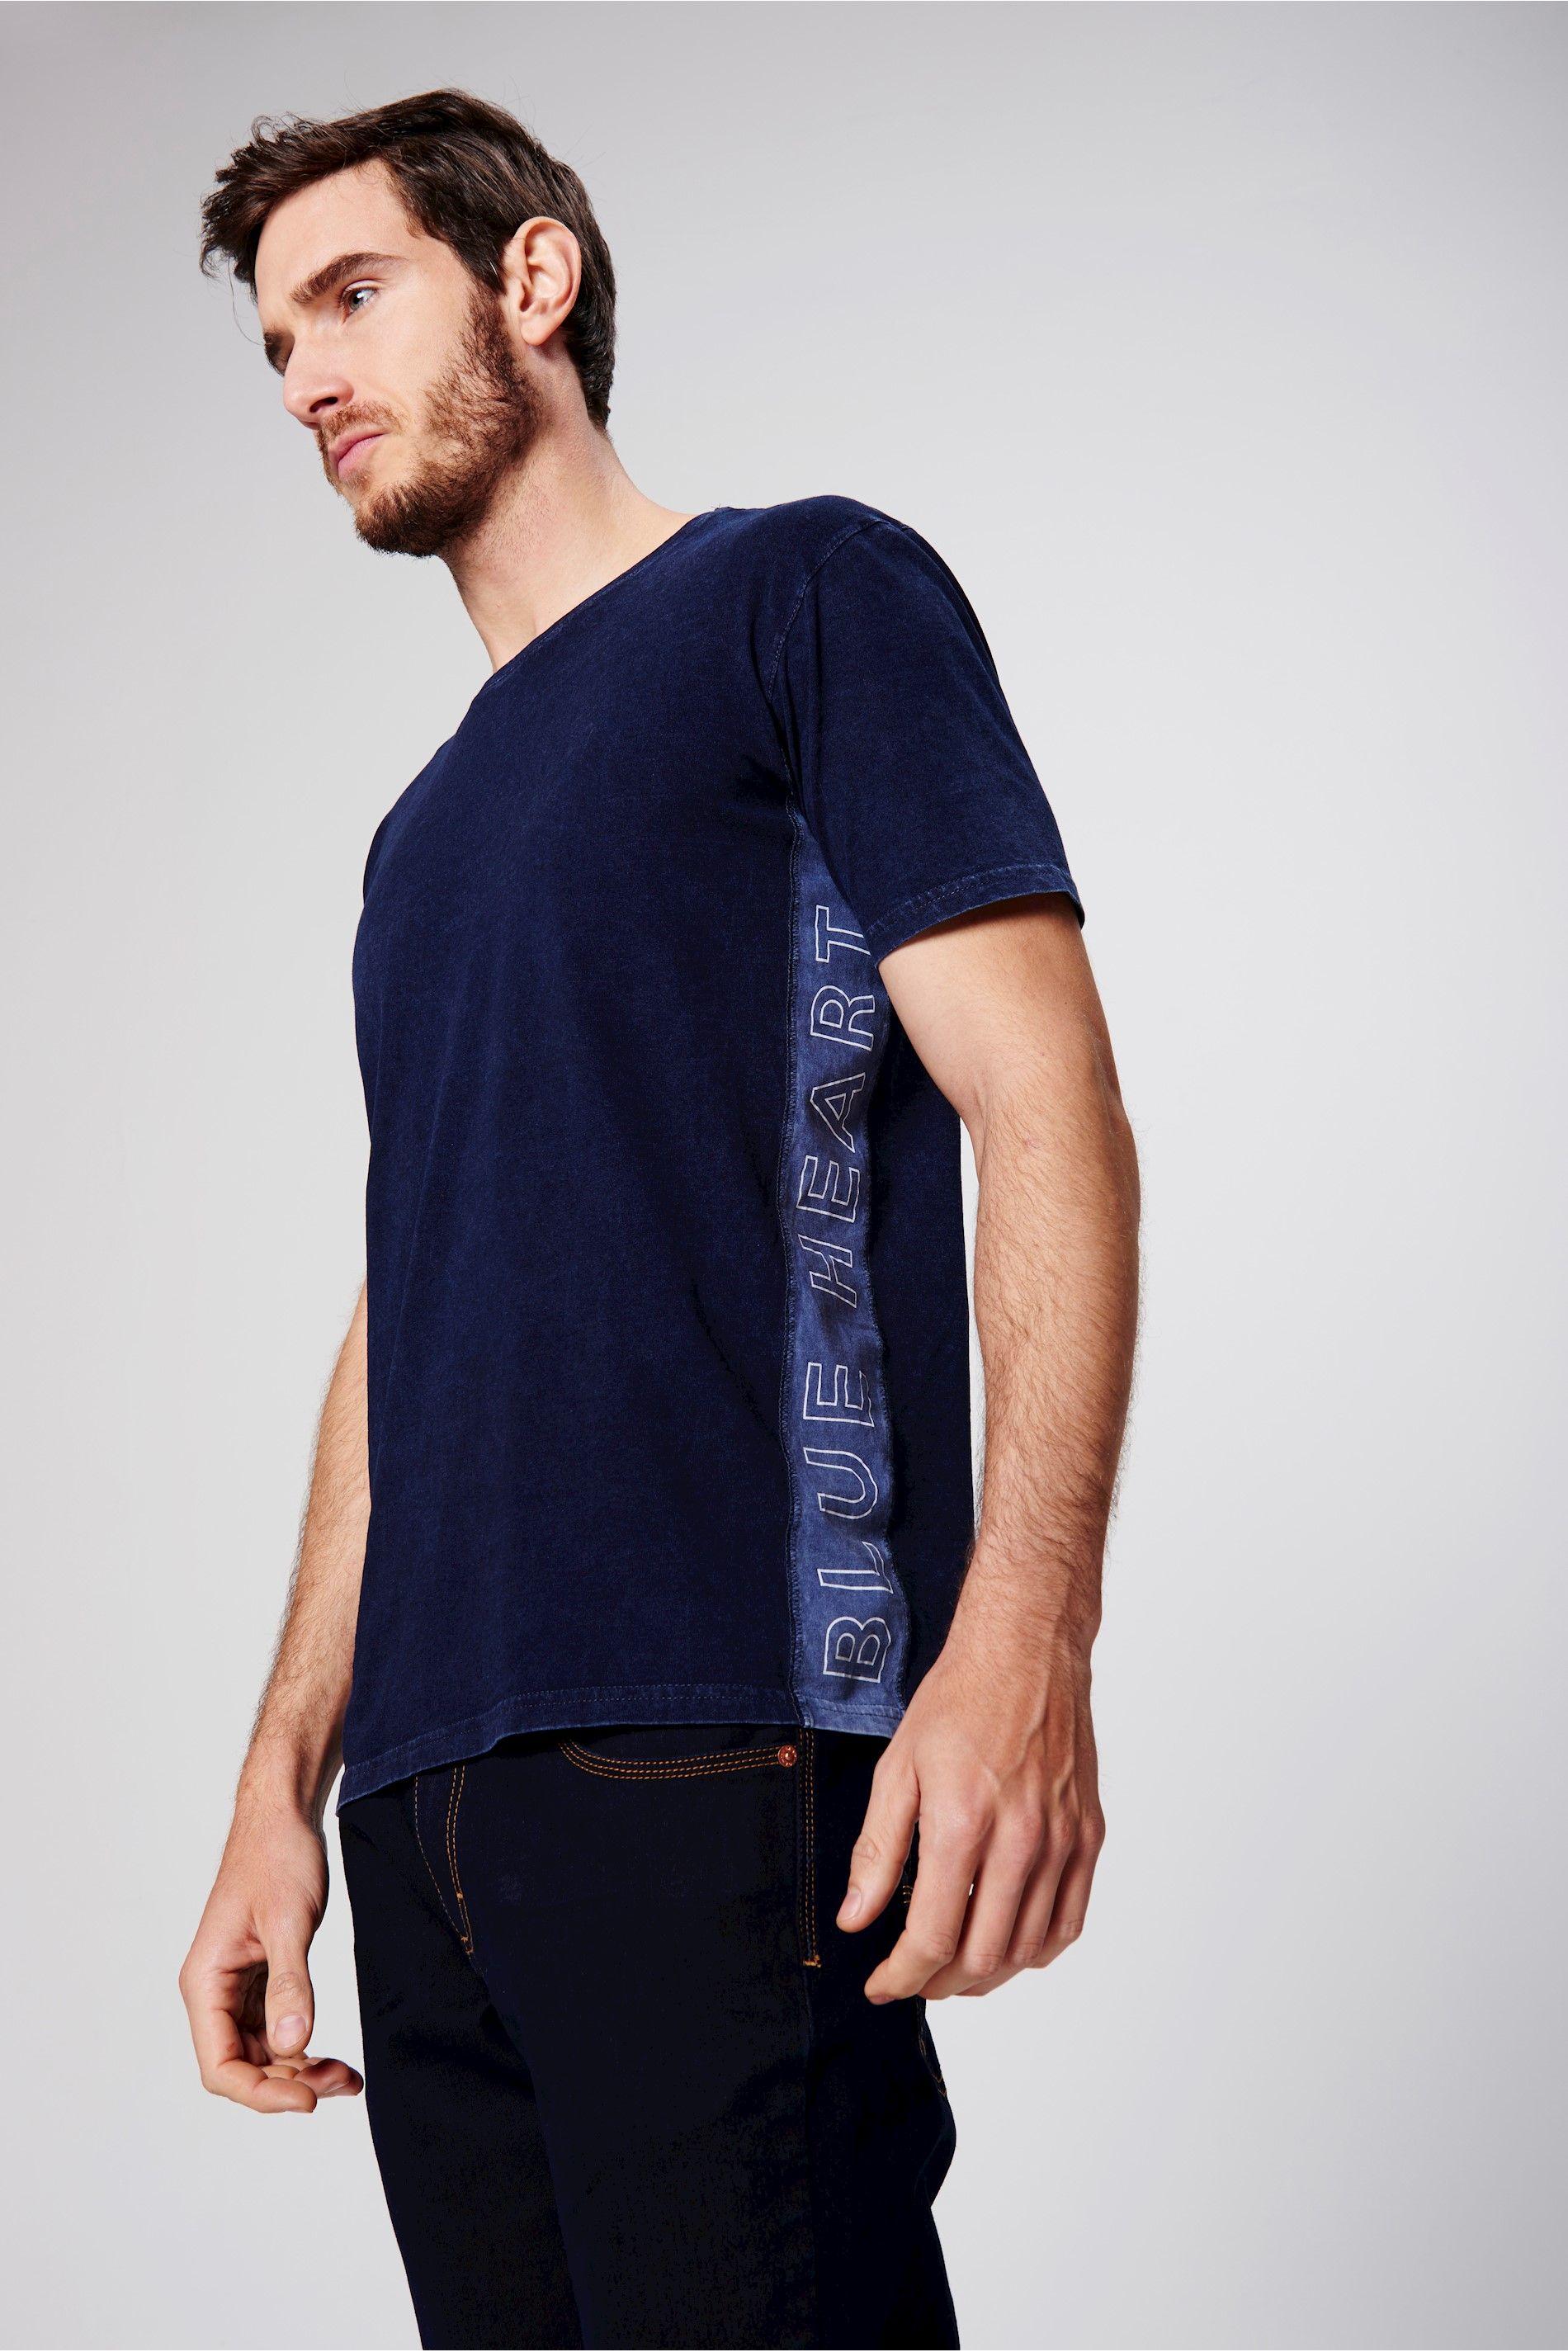 c045257702e Camiseta com Recortes Laterais Masculina - Damyller-smartphone ...